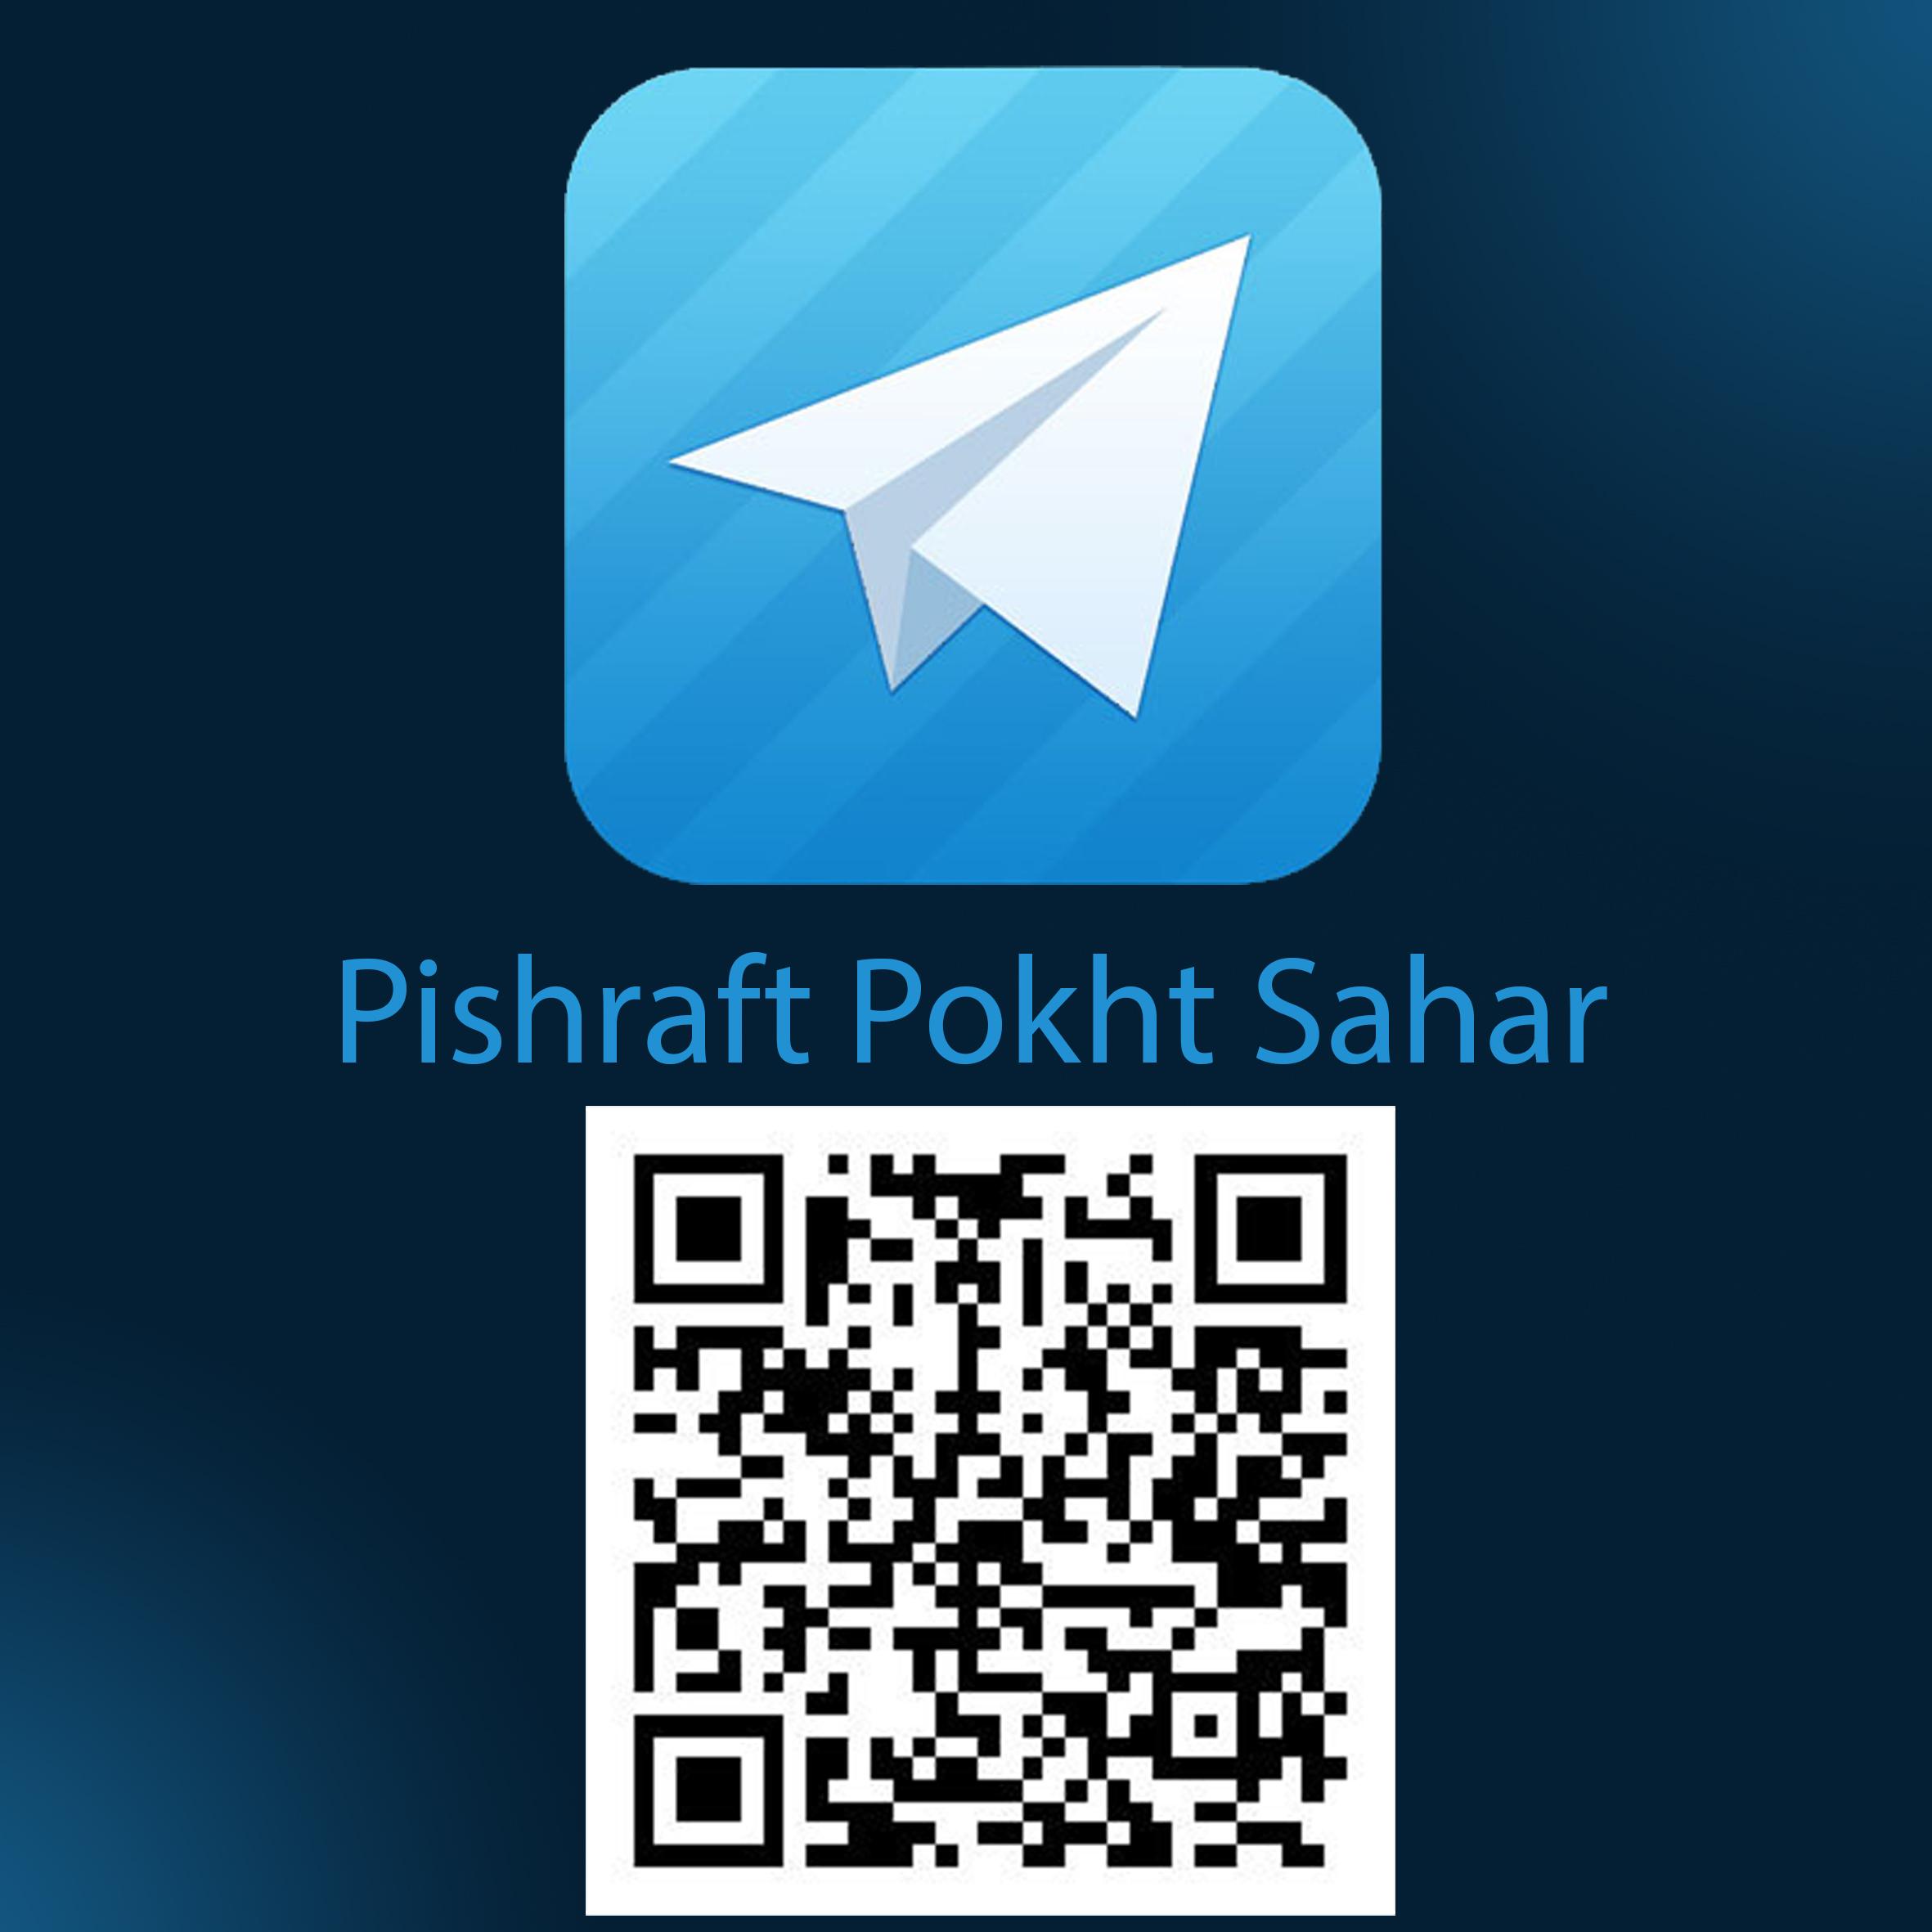 كانال تلگرام شركت پشرفت پخت سحر